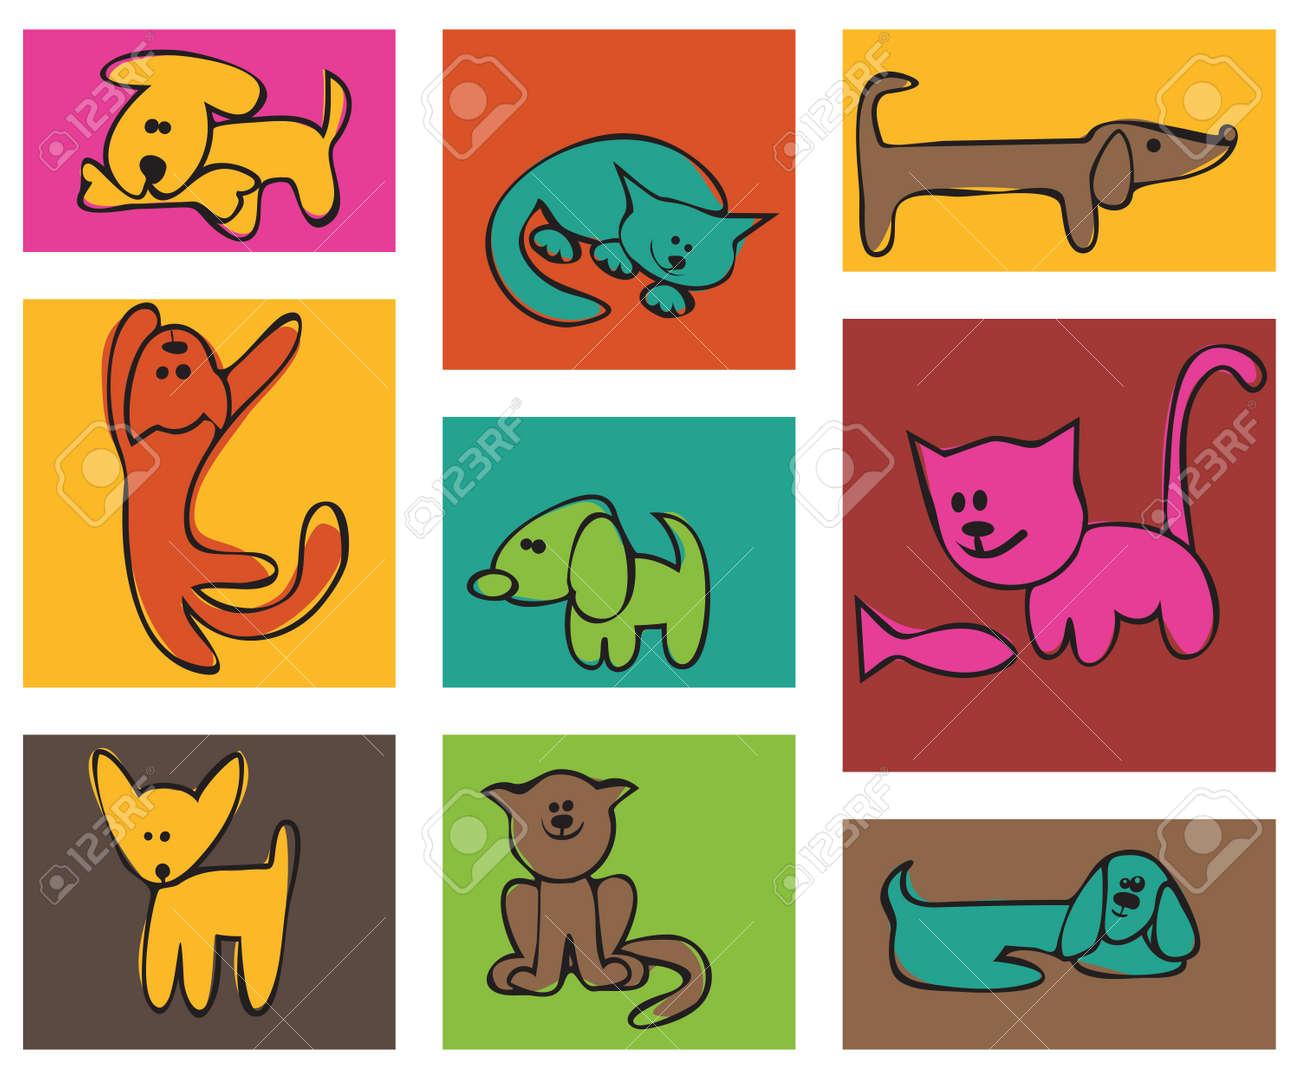 Infantiles Habían Estilizado Dibujo Perros Y Gatos Un Conjunto De Tarjetas